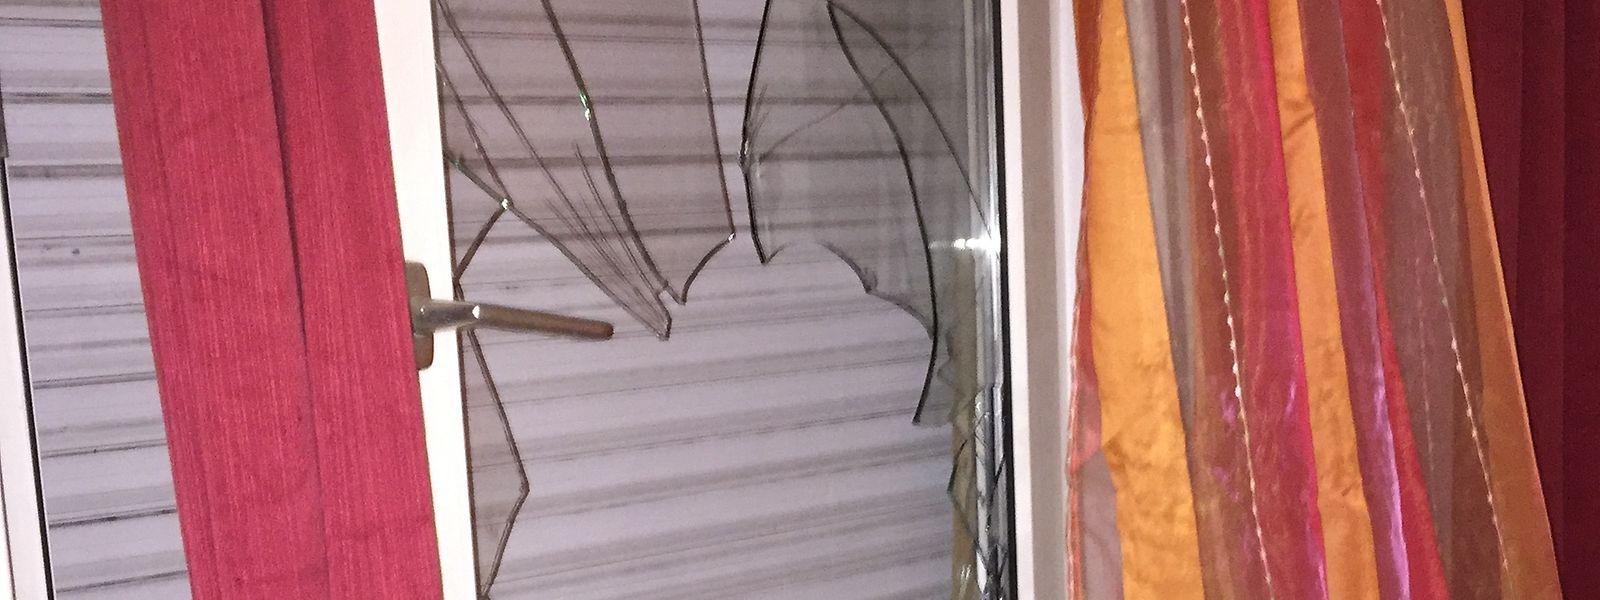 Nach der Meldung eines Nachbarn waren Polizisten gewaltsam in eine Privatwohnung eingedrungen und hatten dabei unter anderem dieEingangstür und ein Fenster beschädigt.